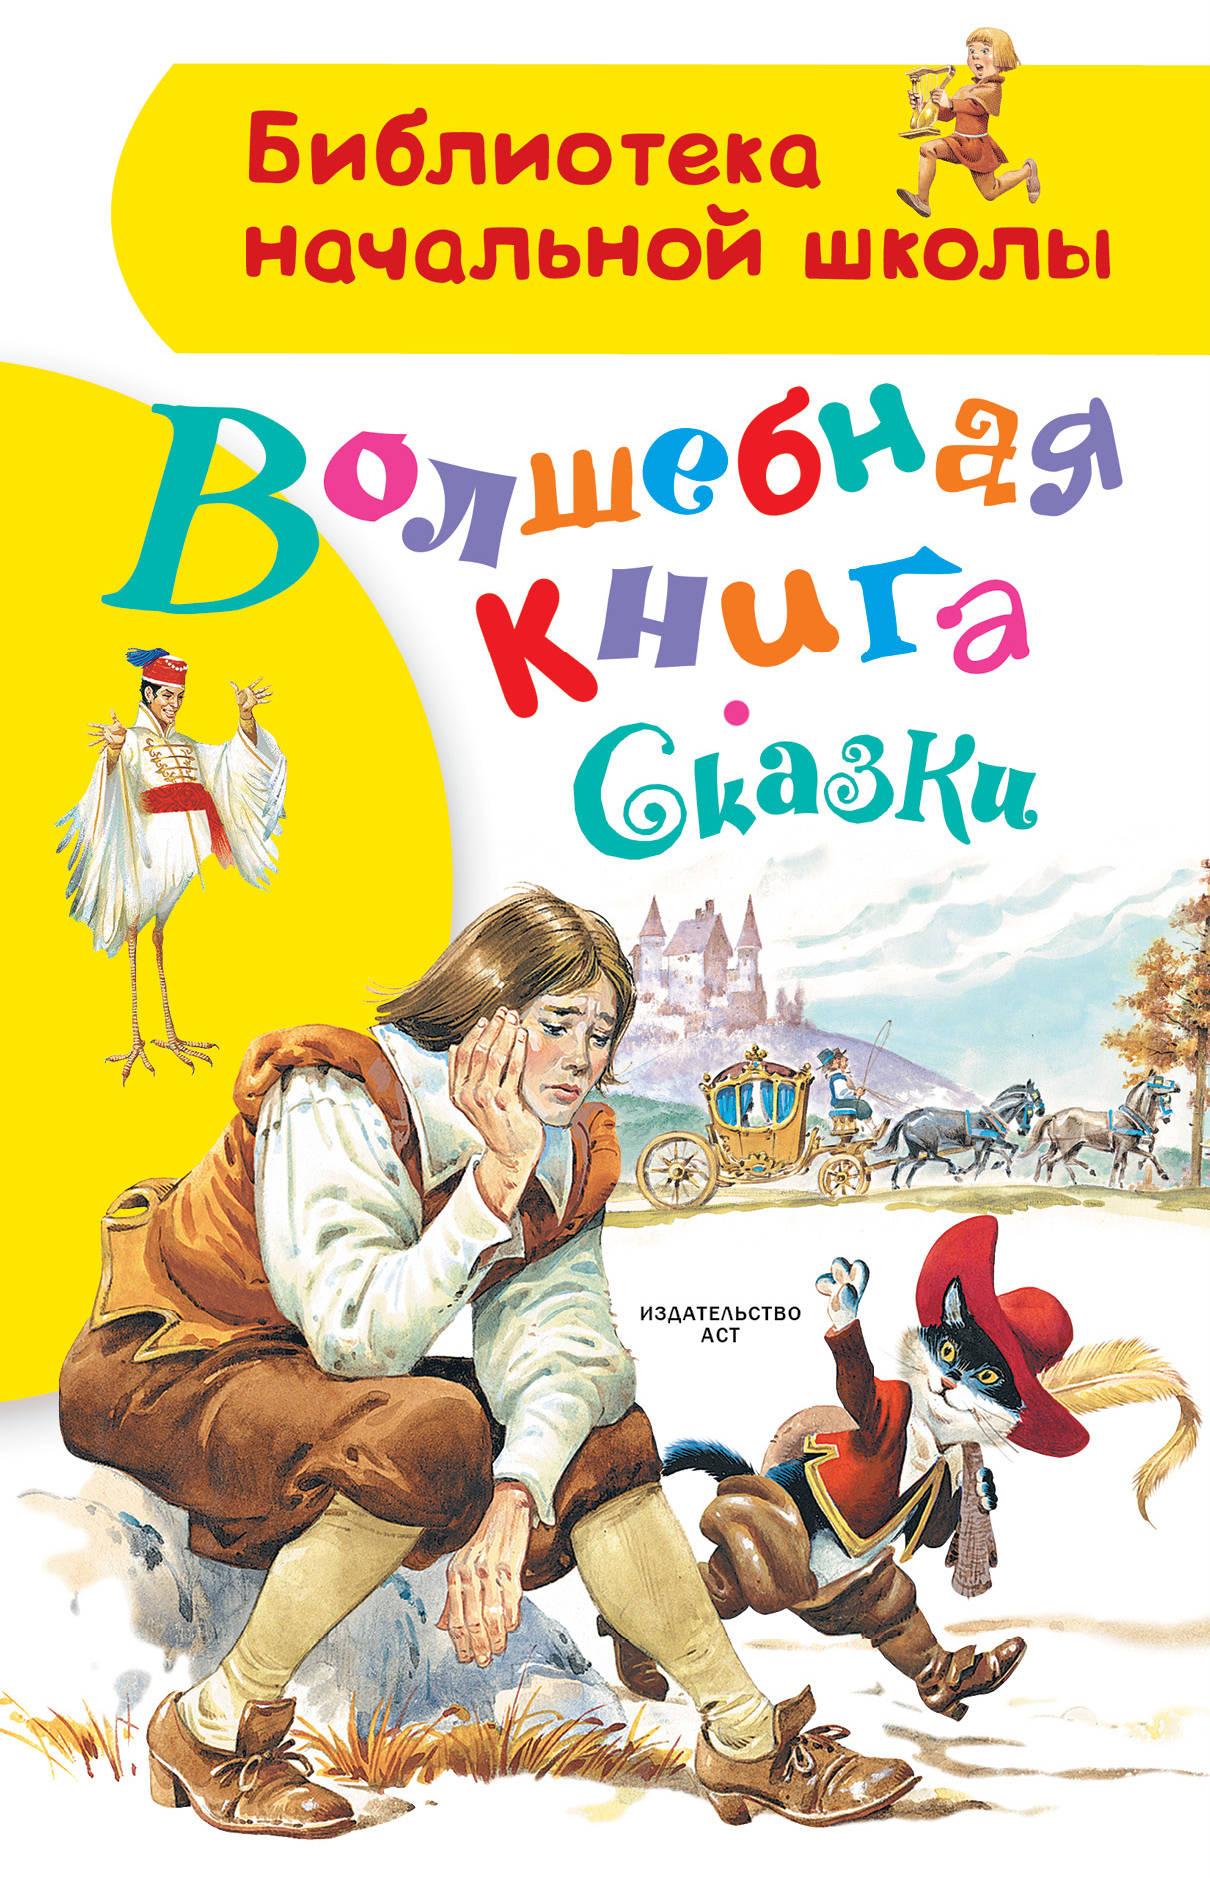 Волшебная книга. Сказки